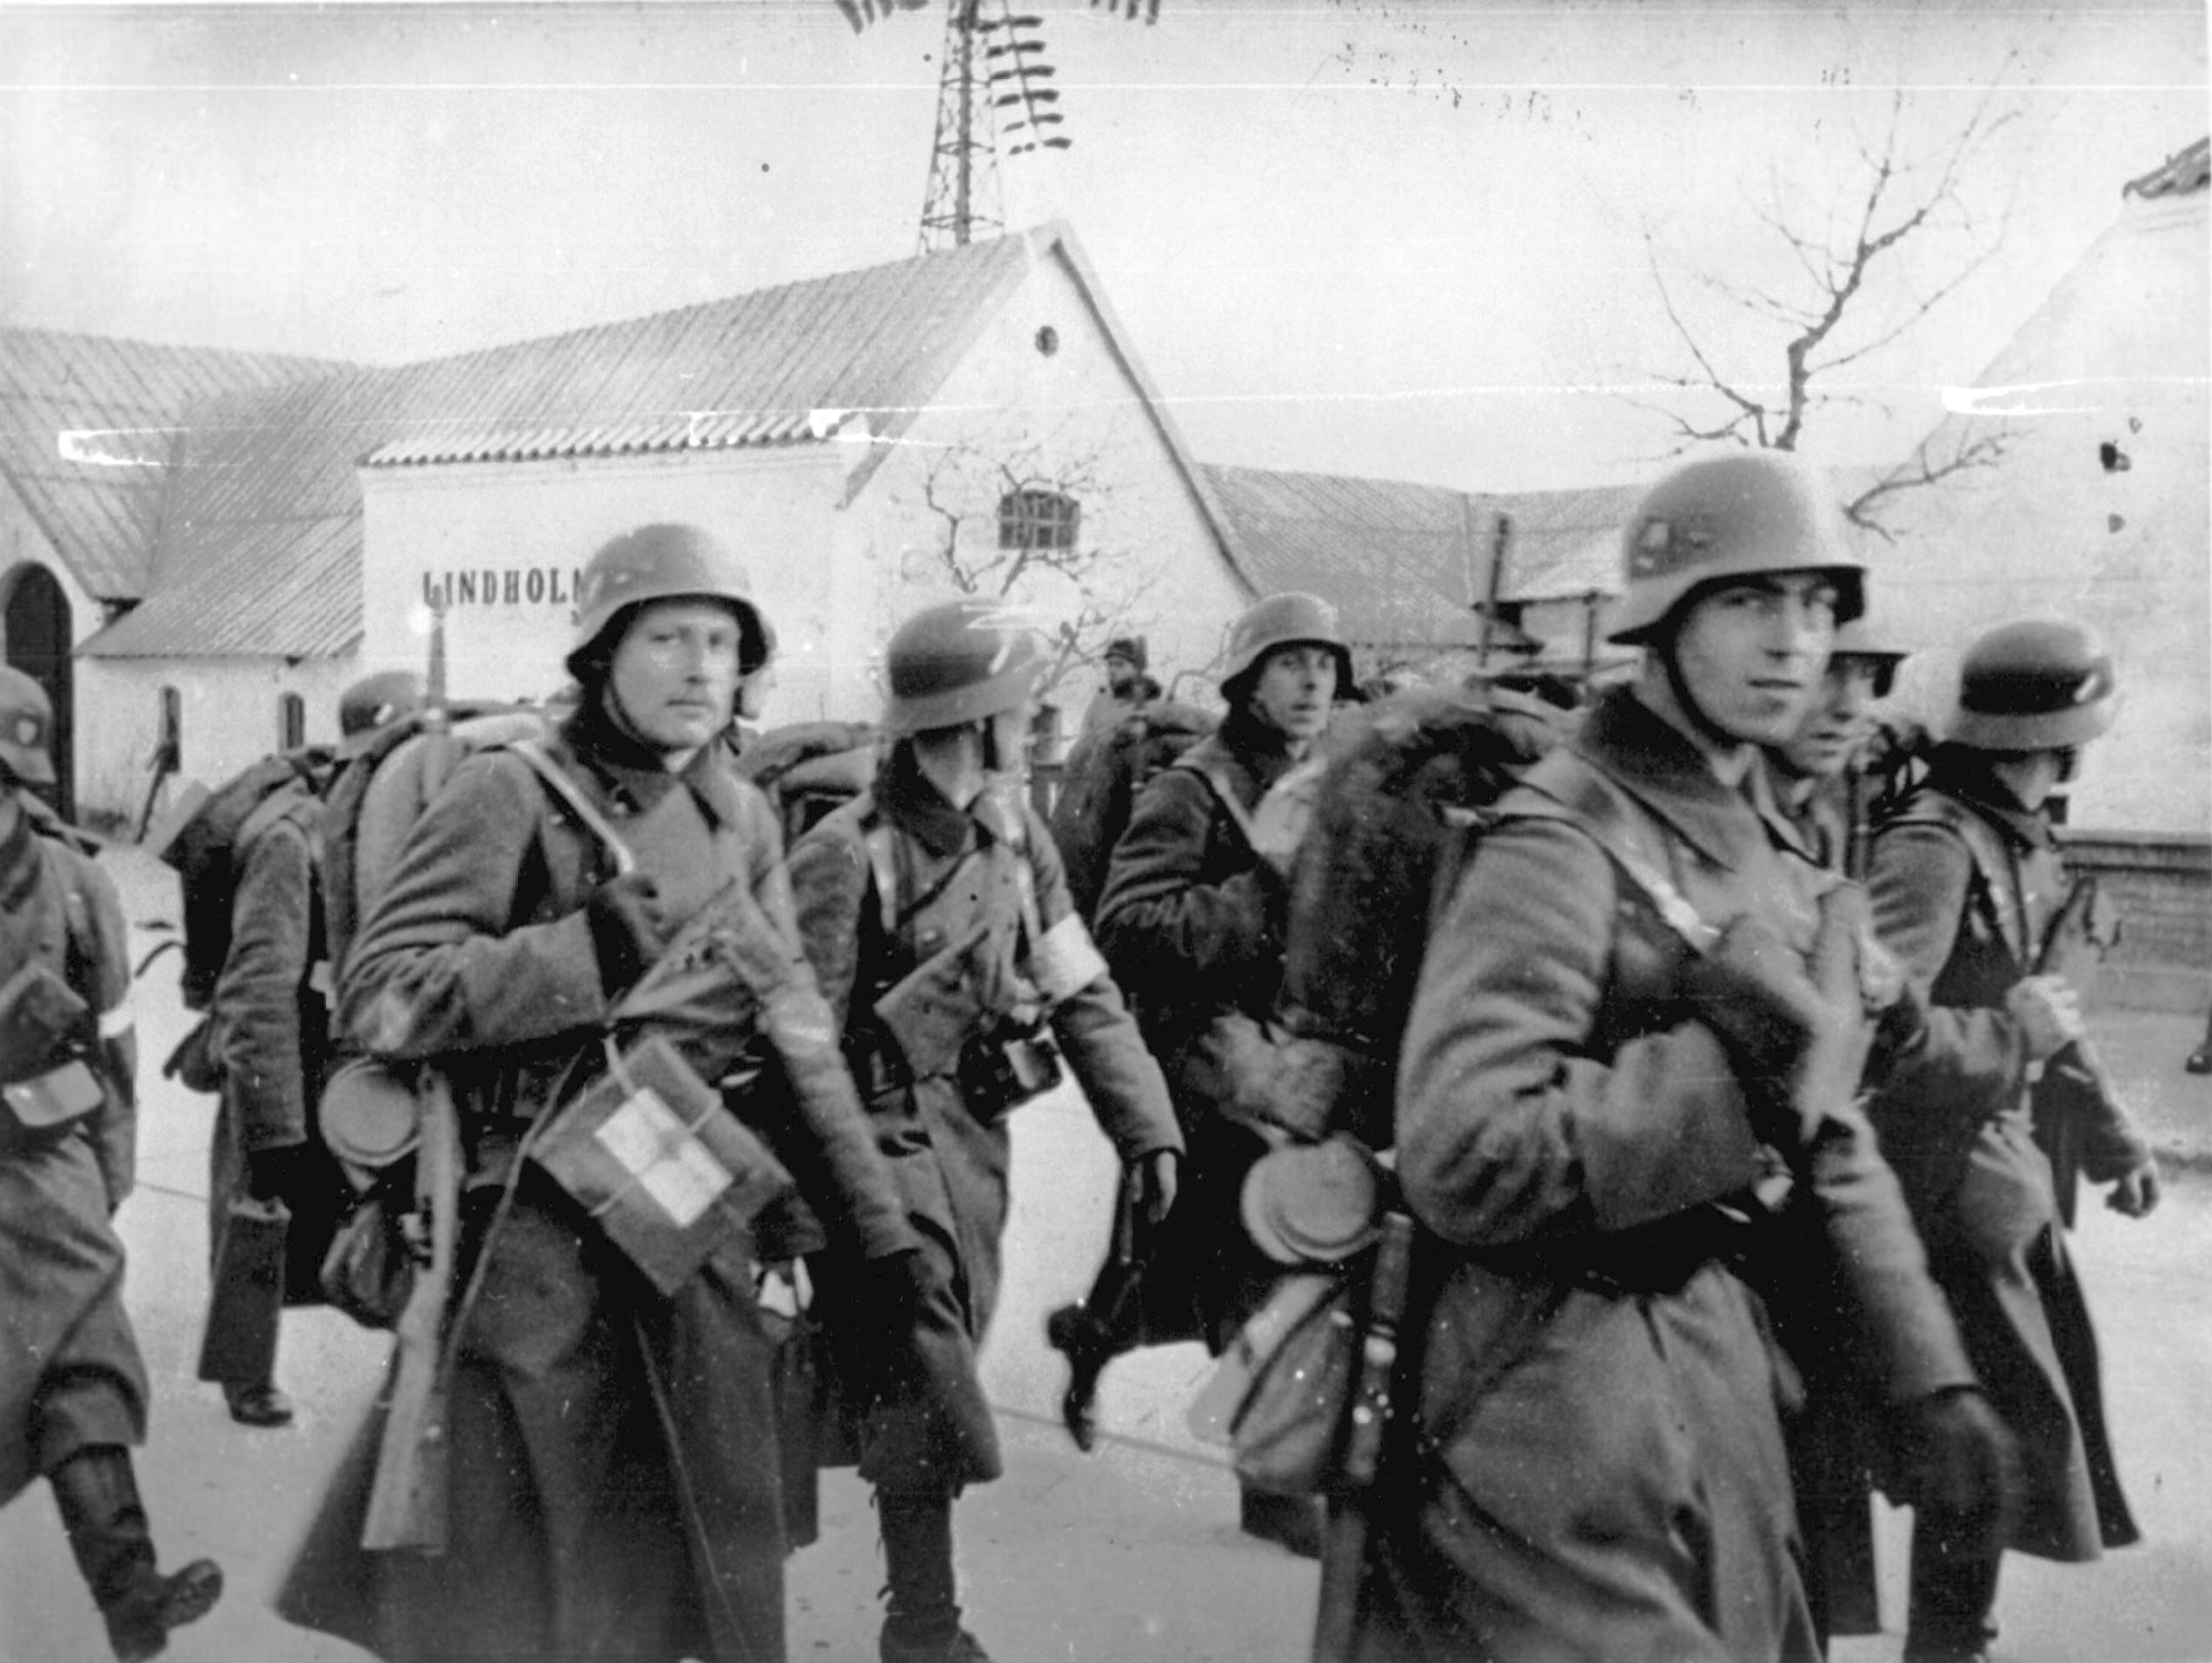 German troops march through Denmark 10th Apr 1940 NIOD